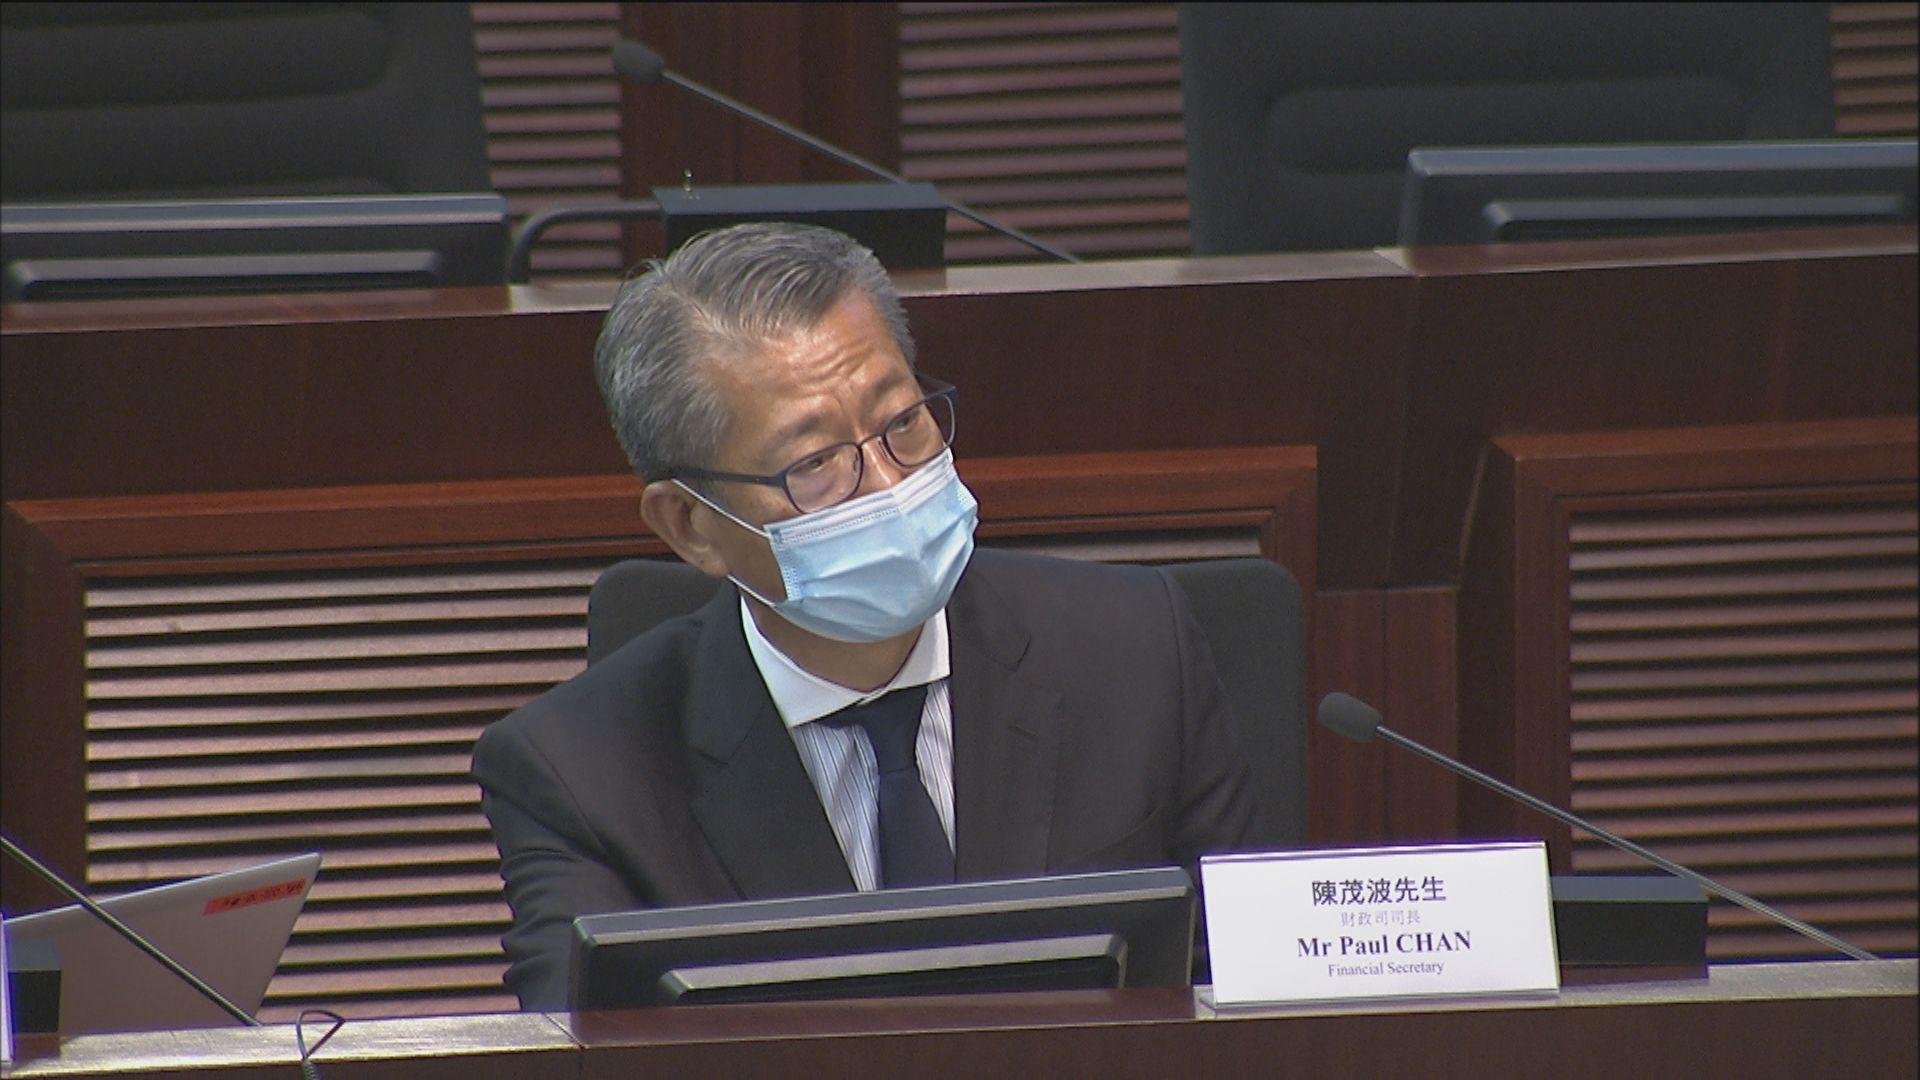 陳茂波:聯繫匯率制度不會改變